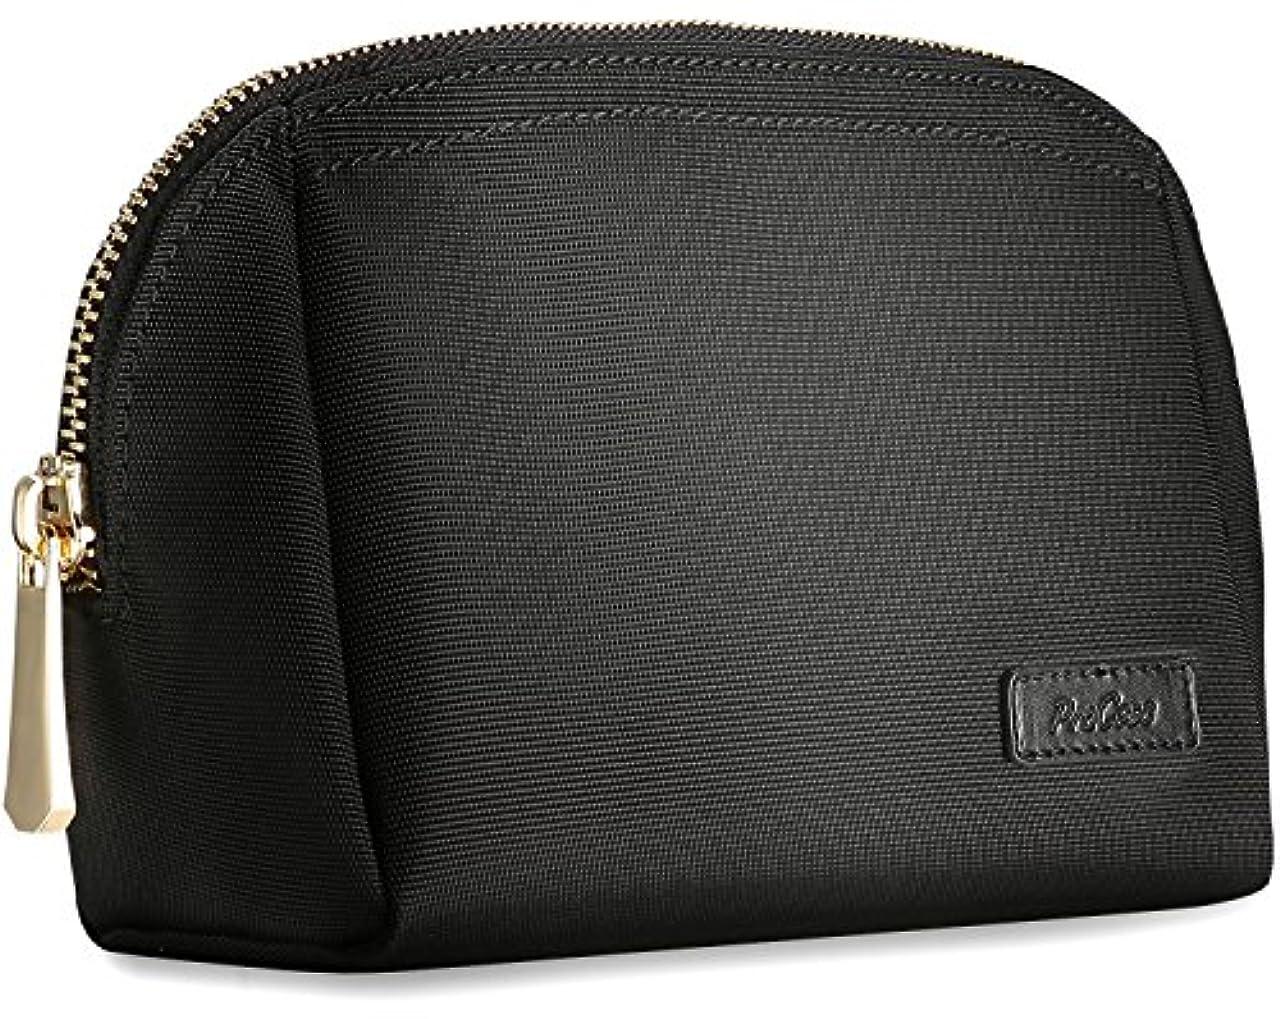 慣習ボット提供ProCase 化粧ポーチ メイクボックス メイクバッグ 旅行用品オルガナイザー 保管袋 化粧品 スキンケアセット フェイシャルクレンザー 美容品 -ブラック